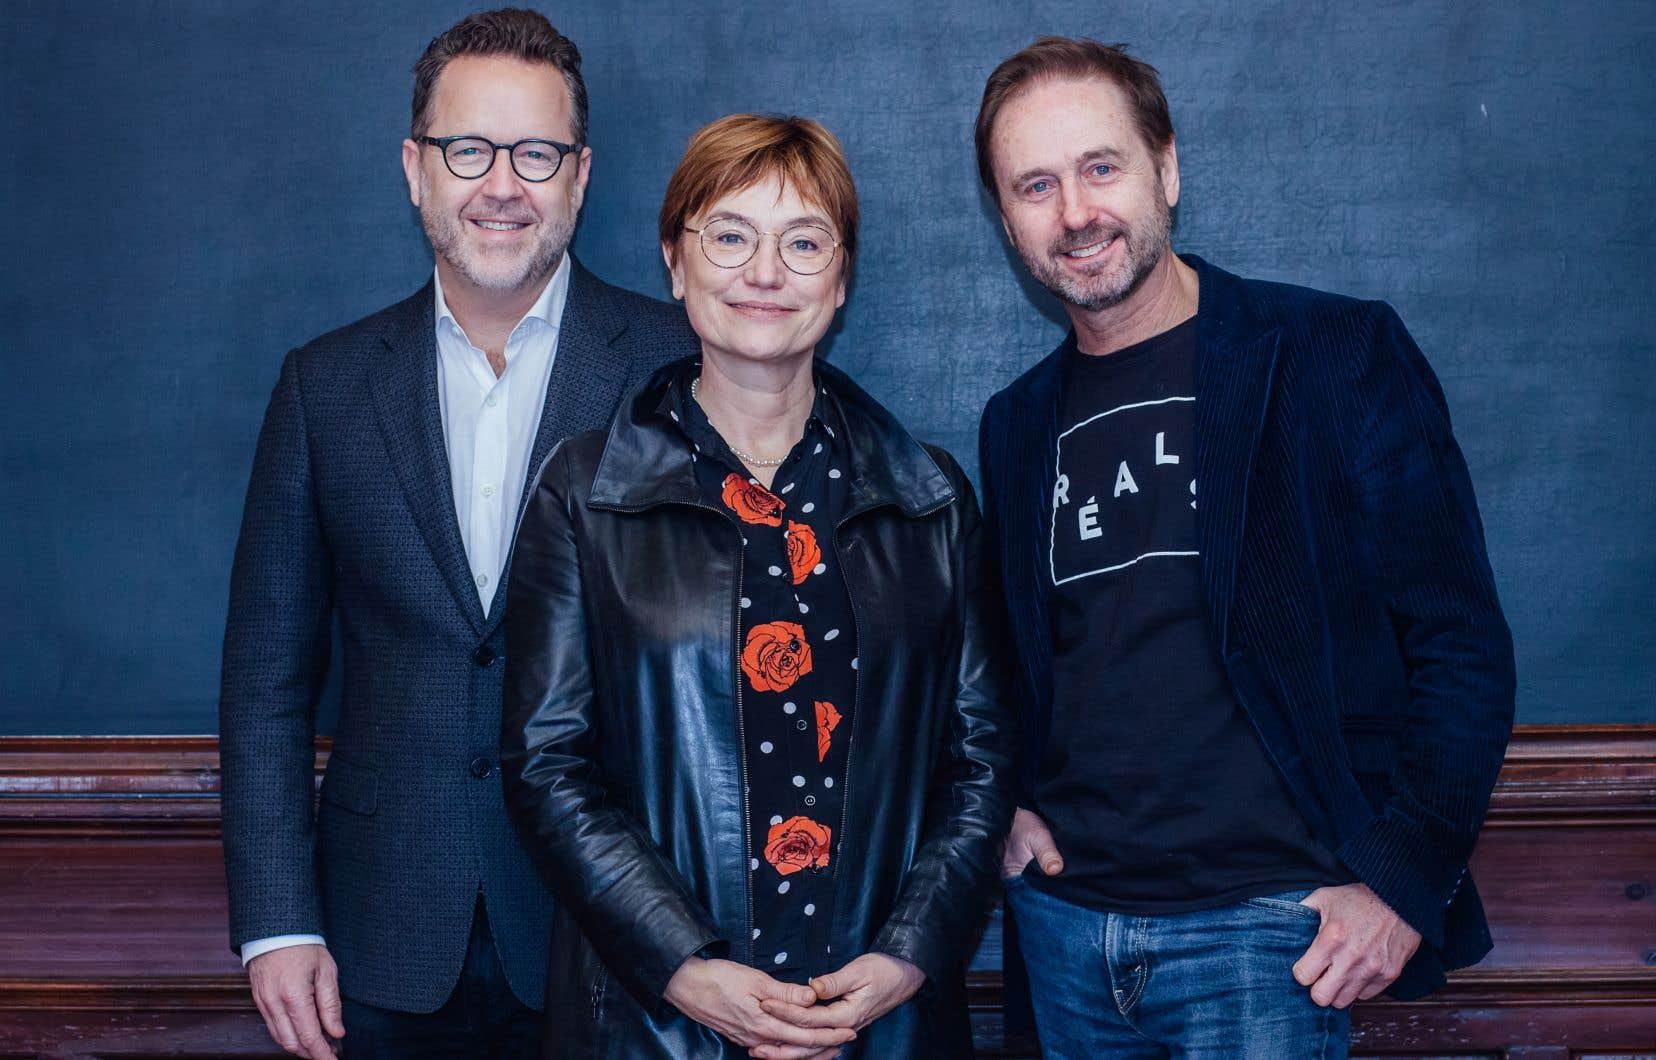 De gauche à droite: Patrick Roy, Ségolène Roederer et Gabriel Pelletier